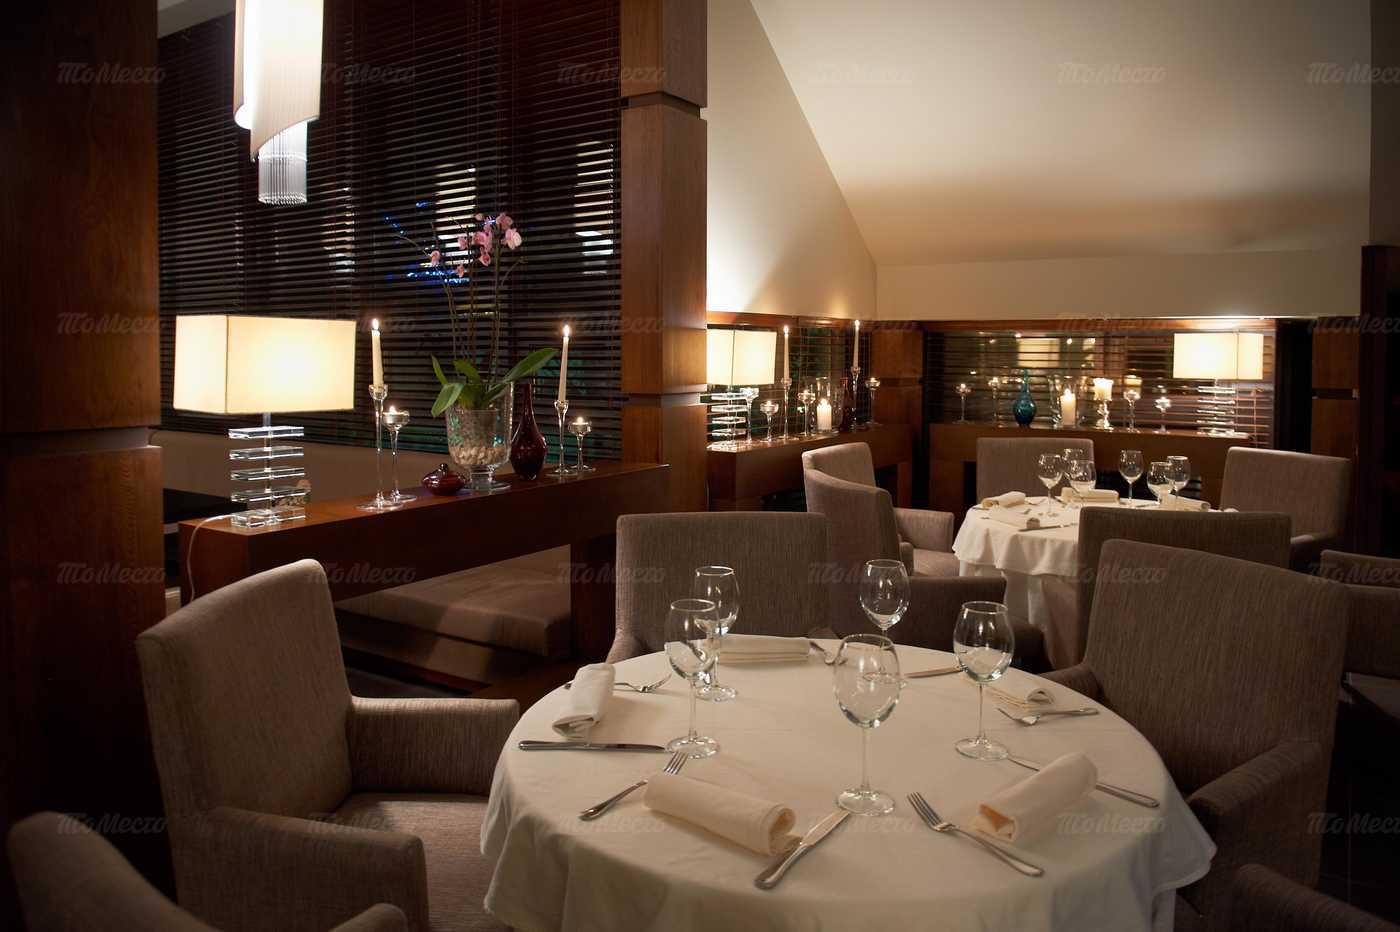 Меню бара, ночного клуба, ресторана Андиамо (Andiamo) на улице Остоженка